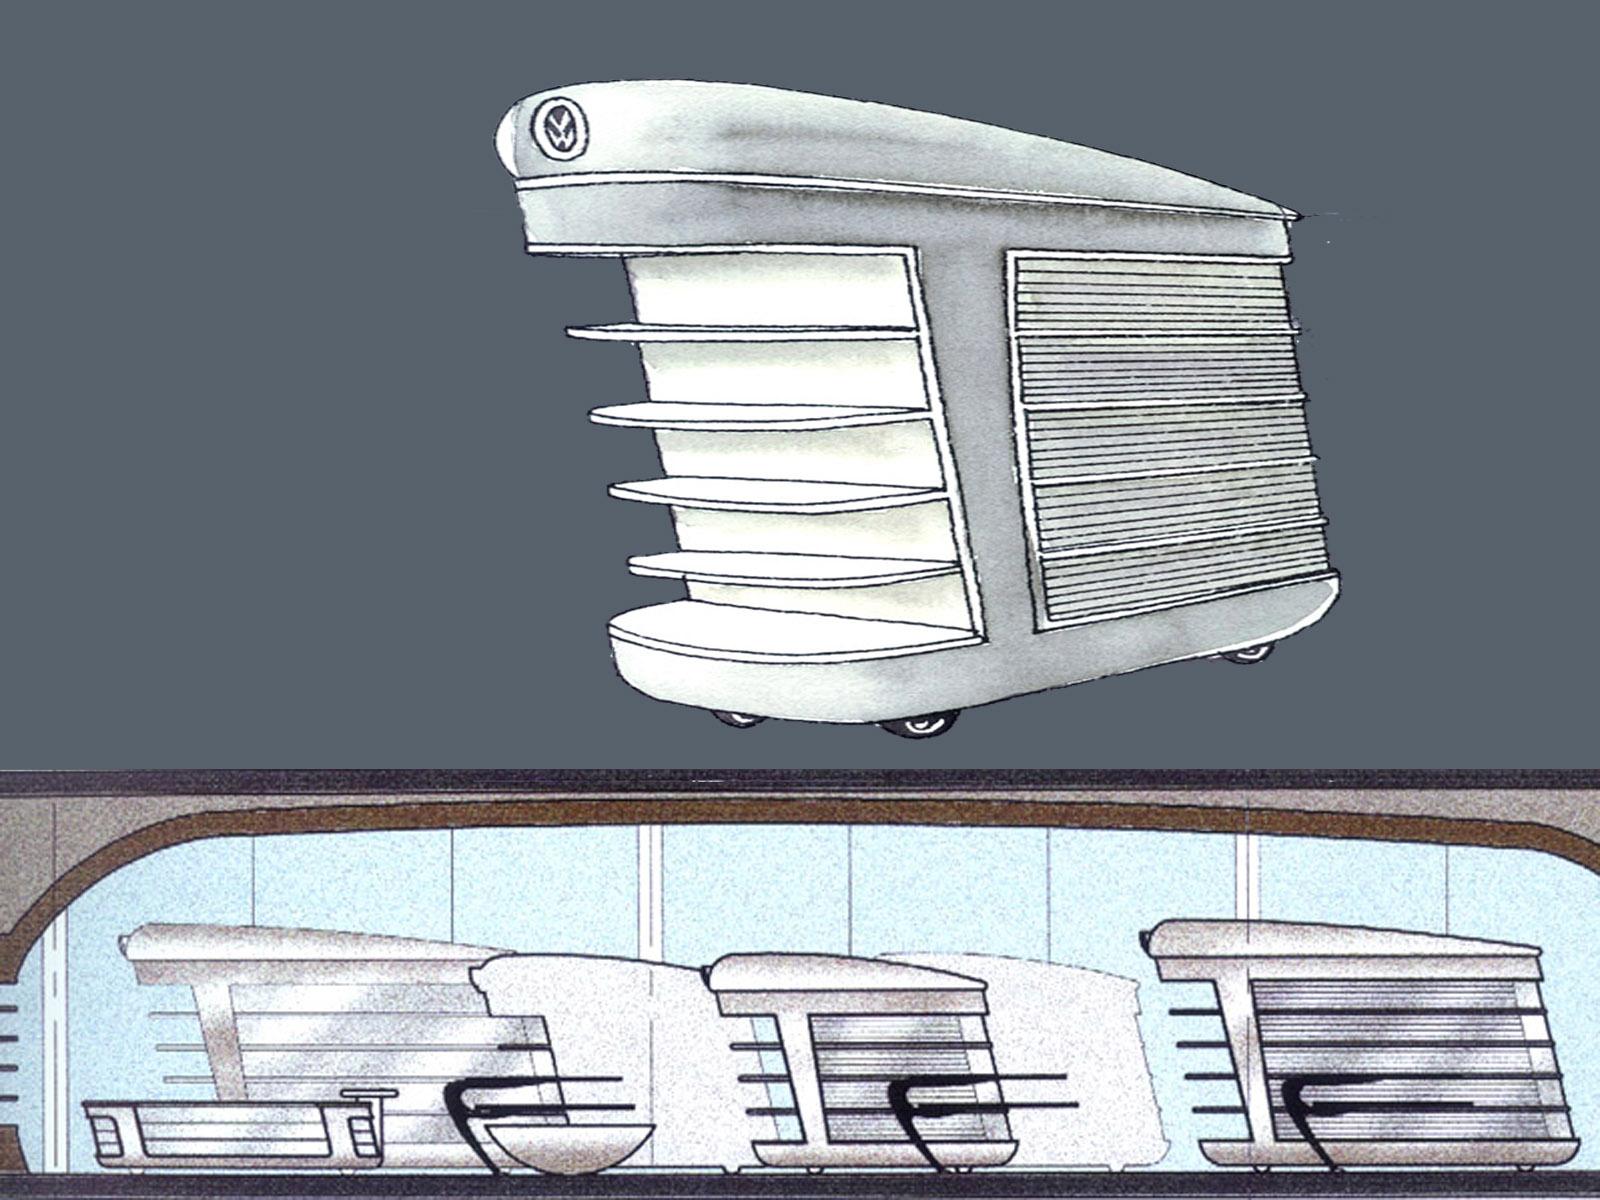 VW 3 copy.jpg